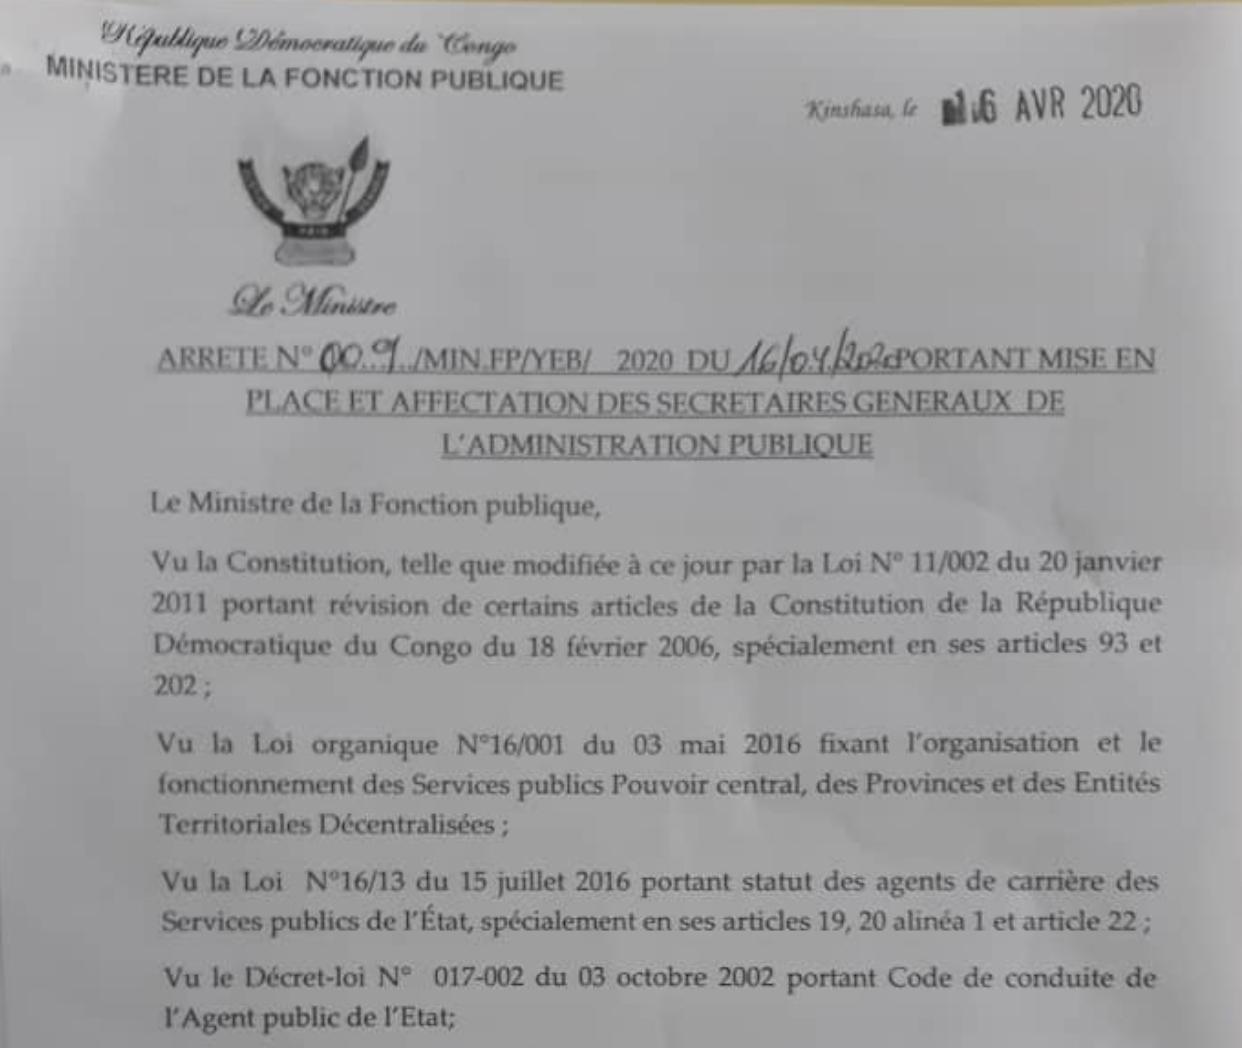 RDC : mise en place et affectation des 58 secrétaires généraux de l'Administration publique (liste) 1